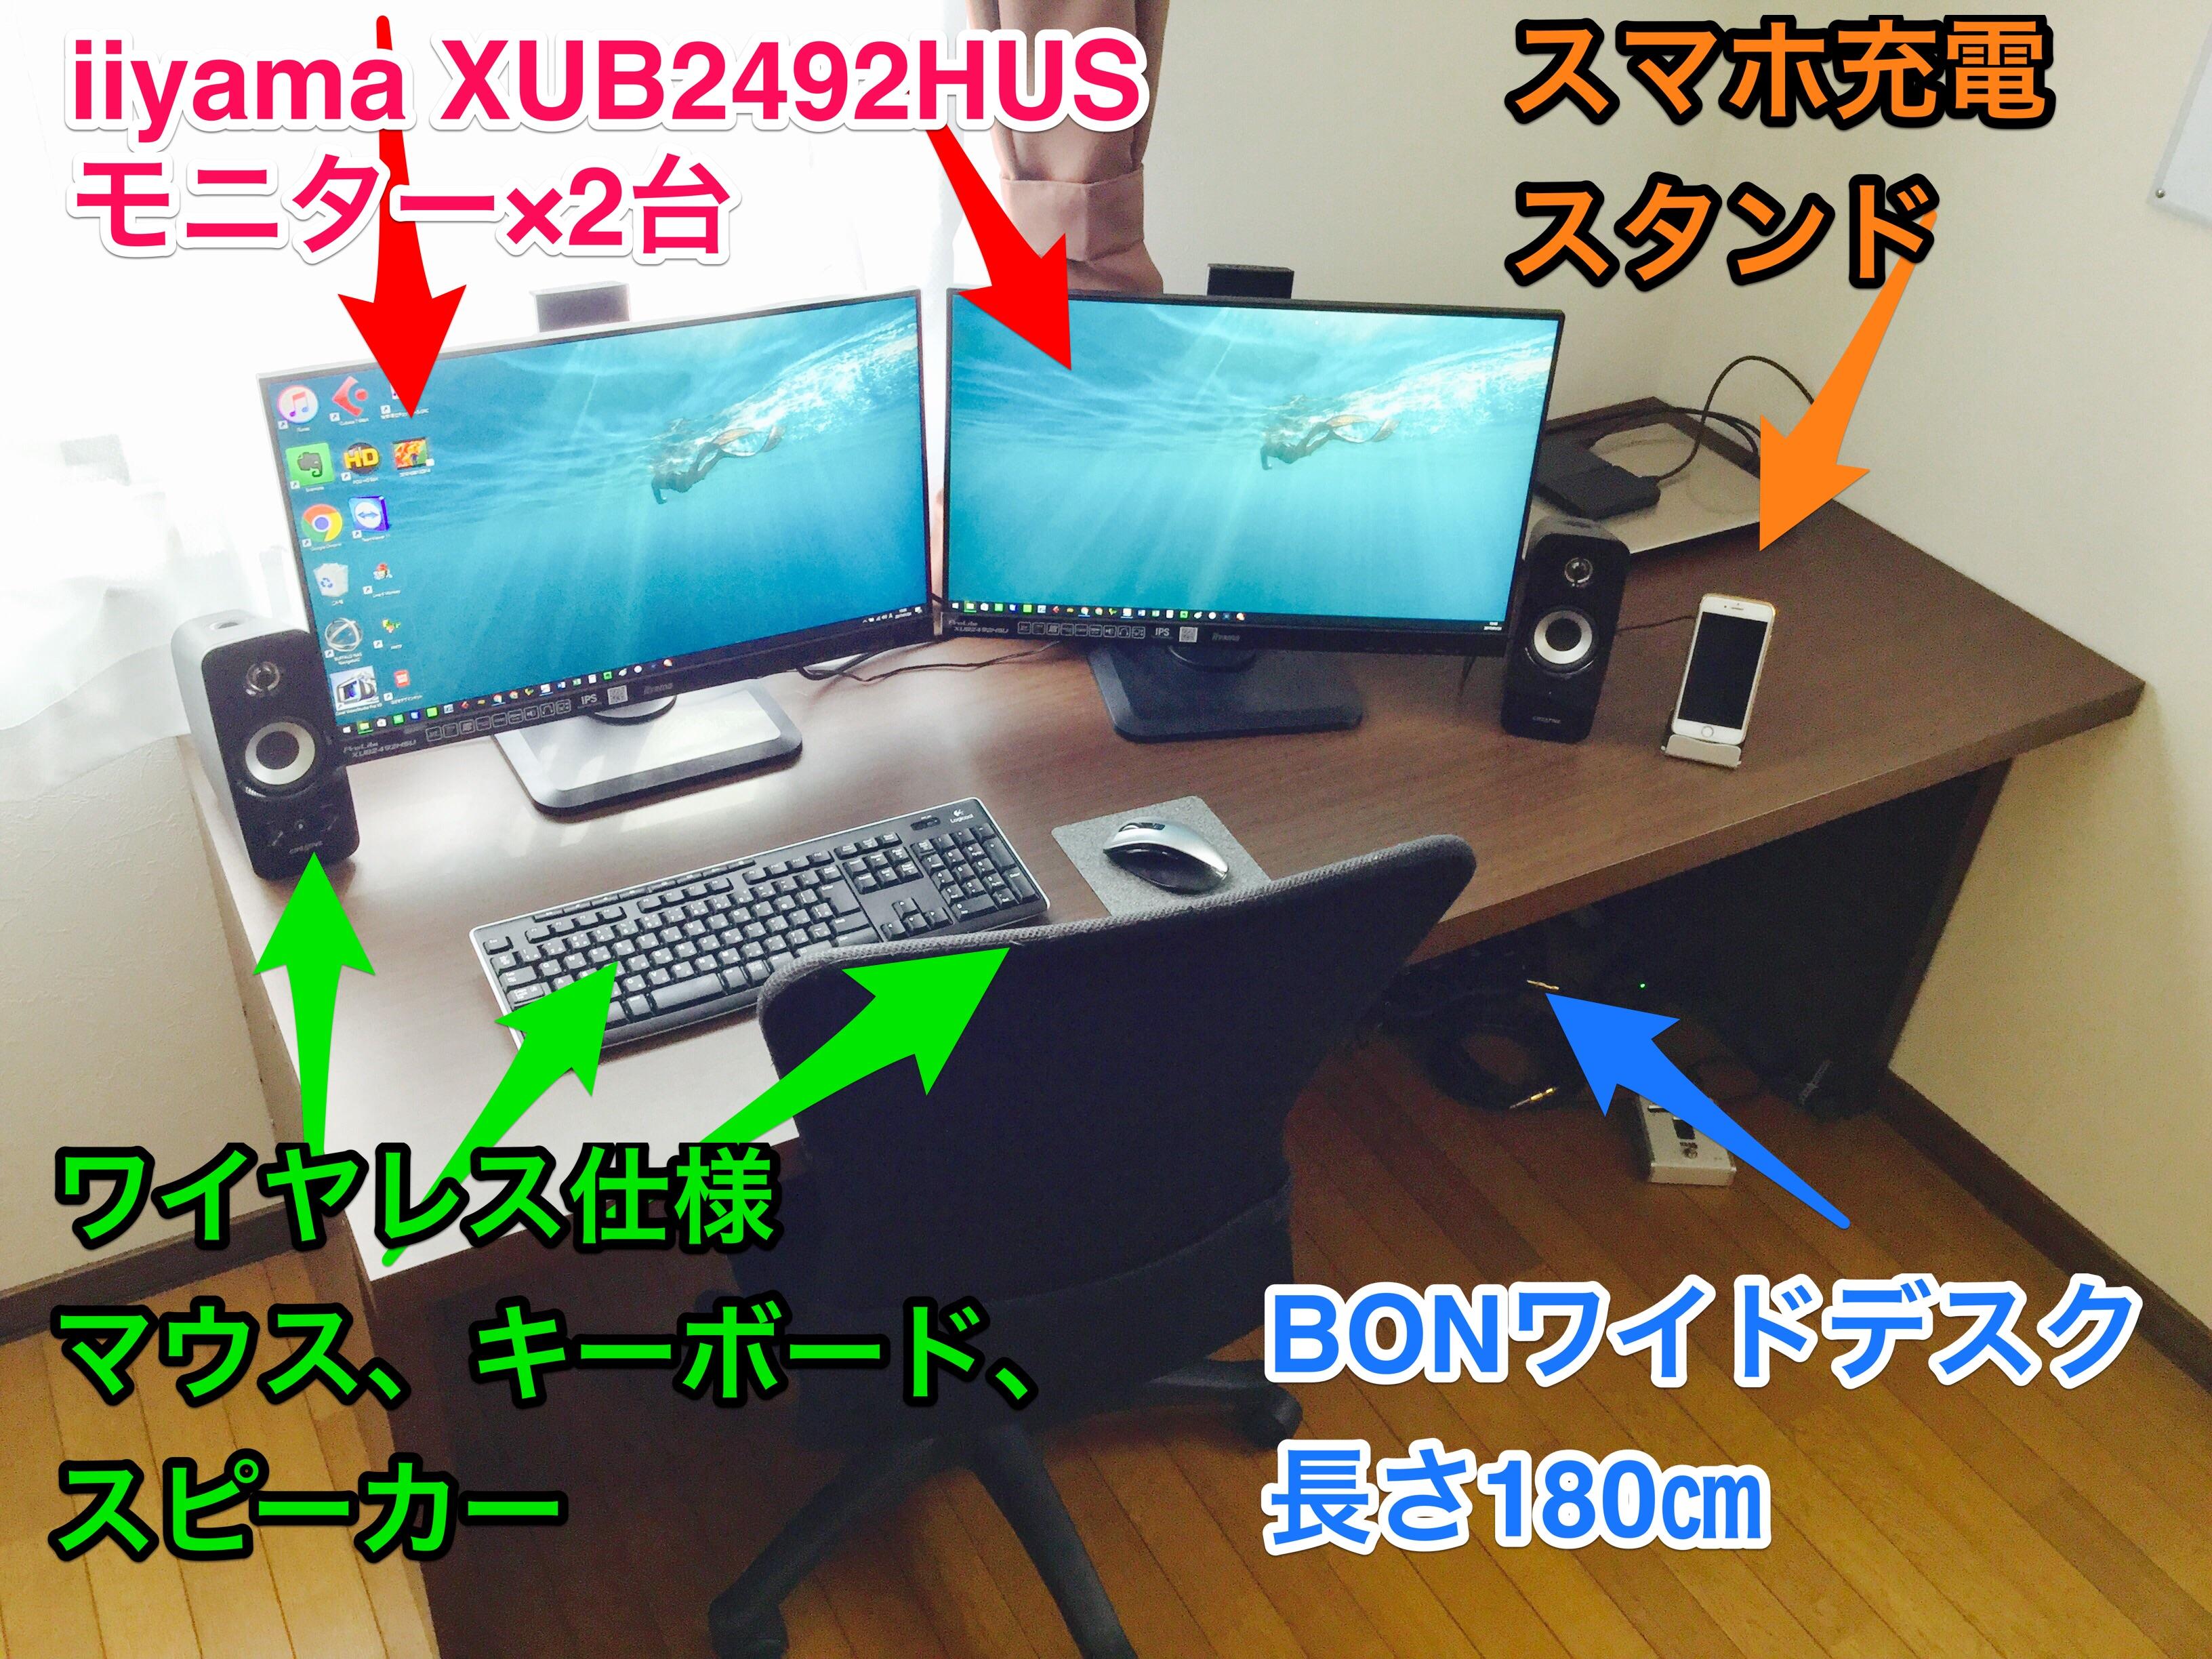 作業が捗る 仕事部屋 書斎にオススメのpcデスク モニター 周辺機器